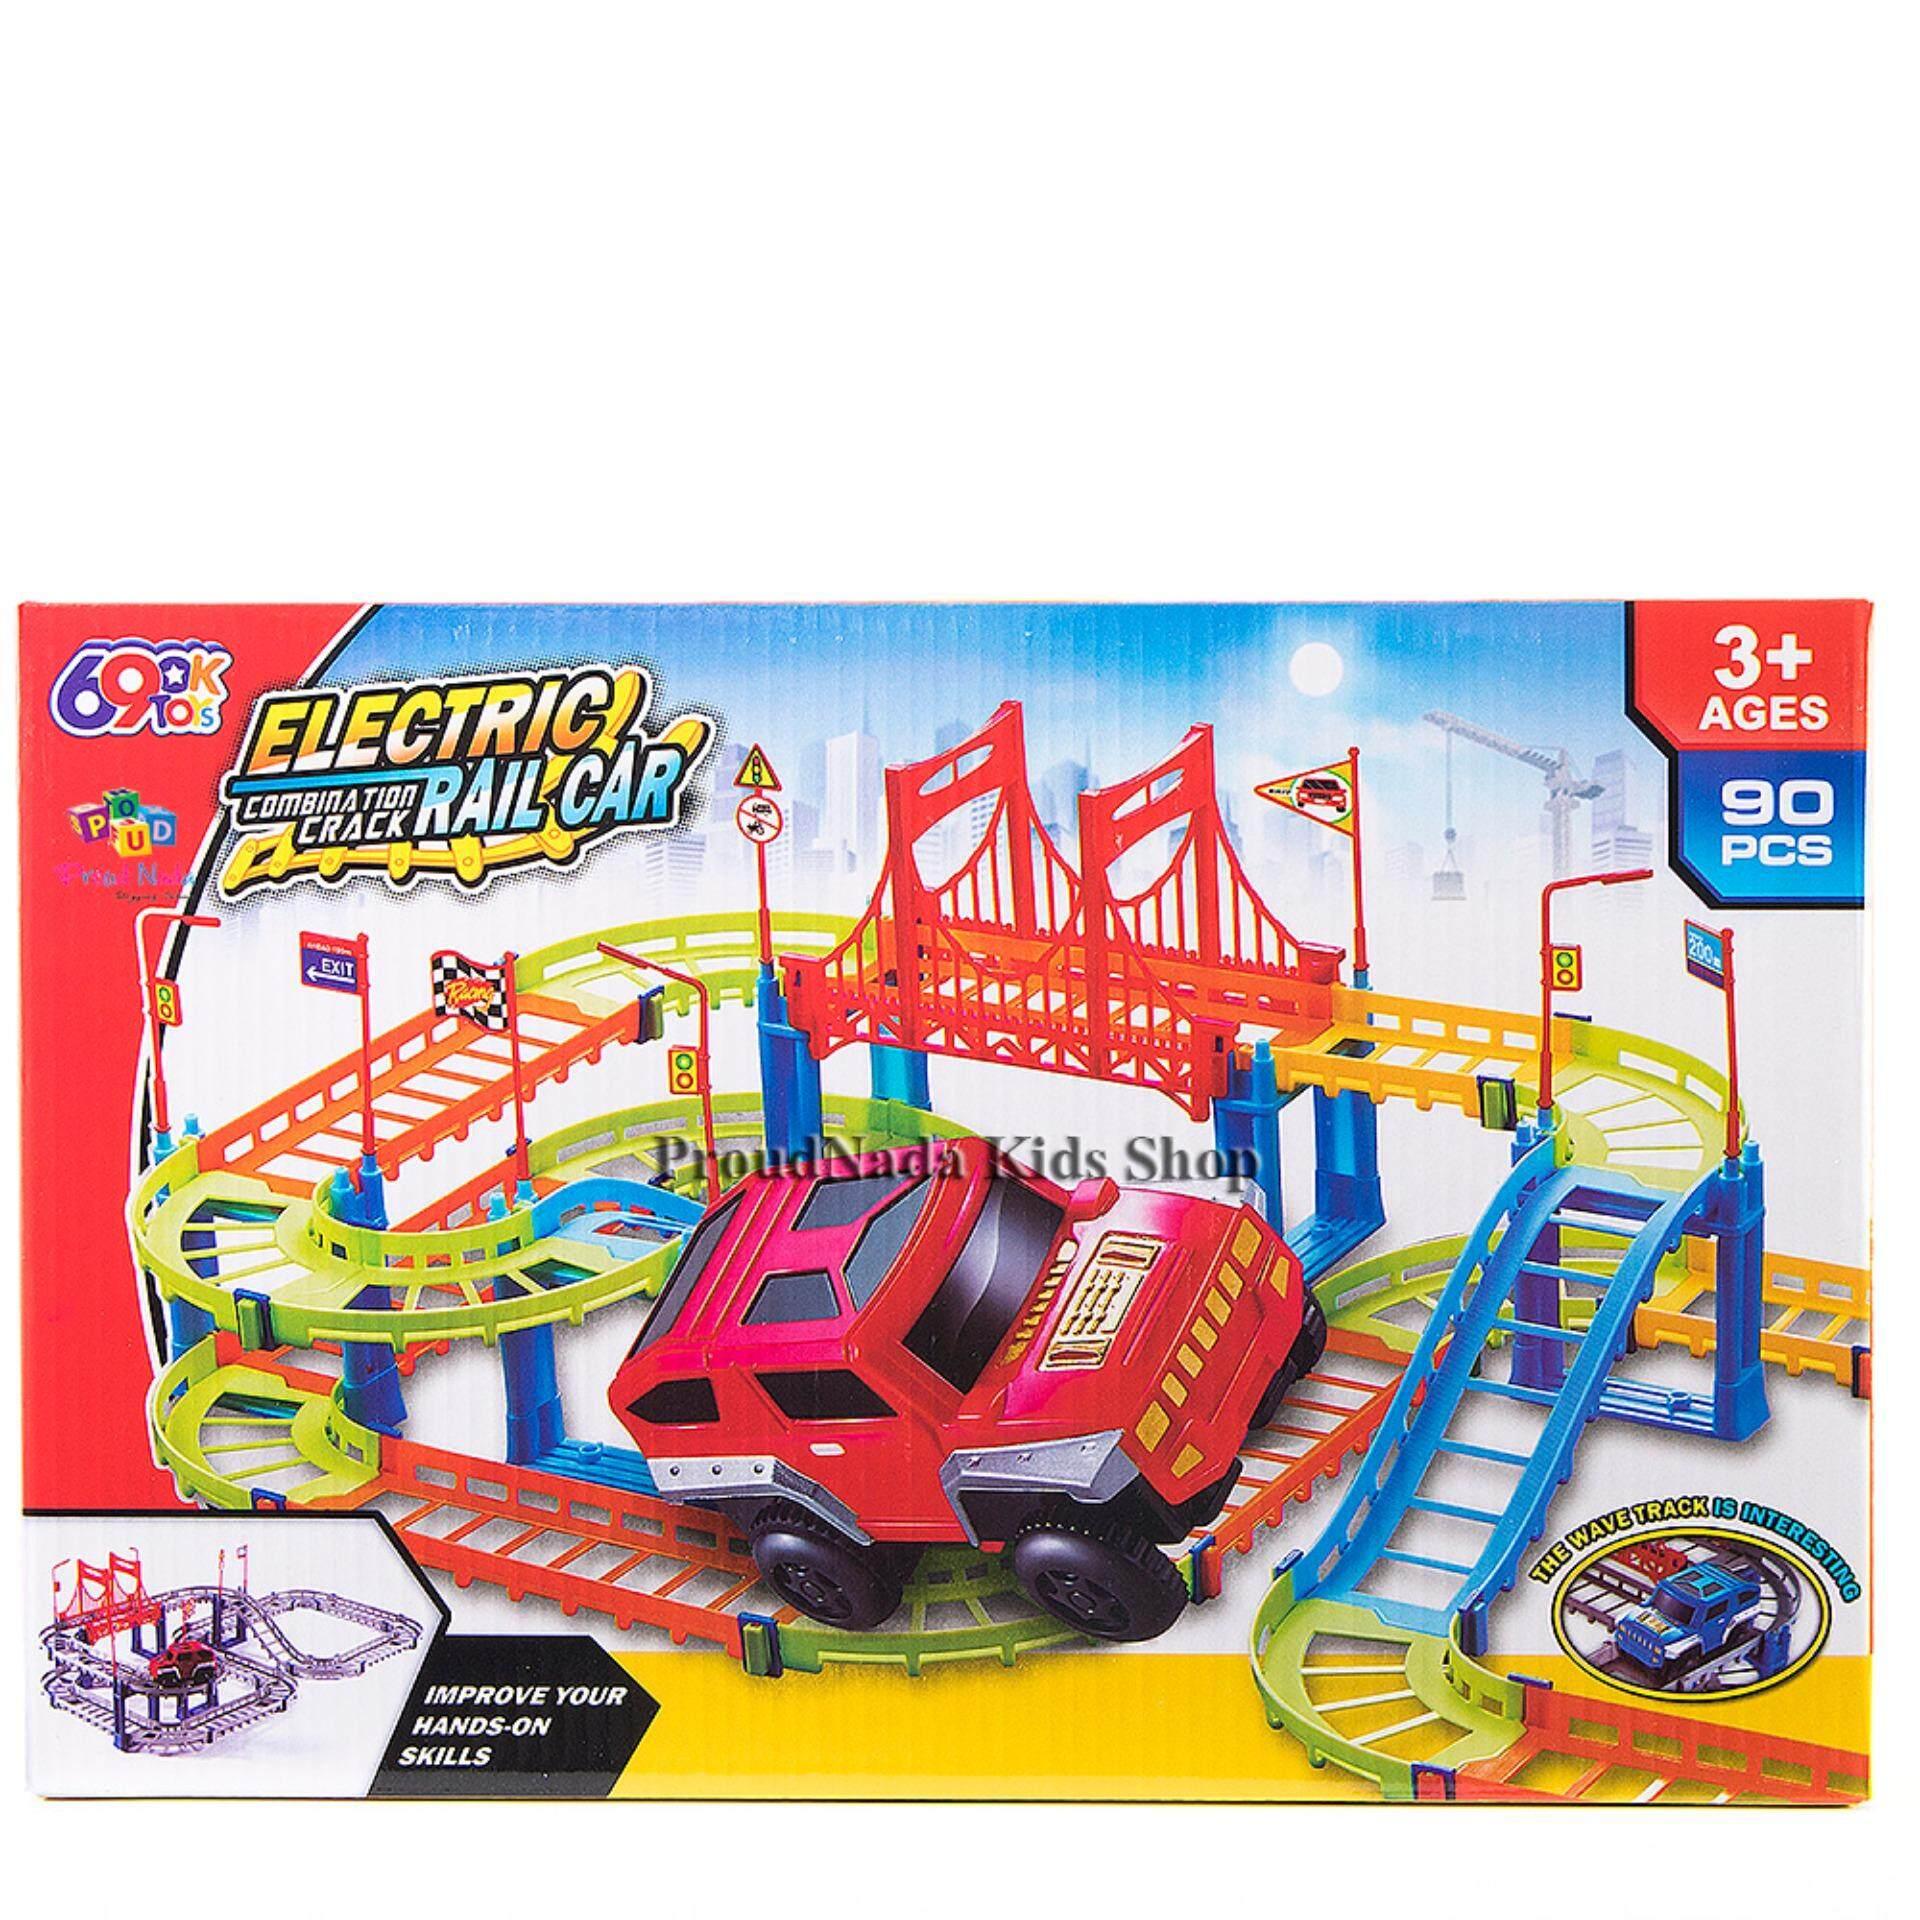 ราคา ราคาถูกที่สุด Proudnada Toys ของเล่นเด็กเซตรถราง Electric Combination Cr*ck Rail Car No 1049